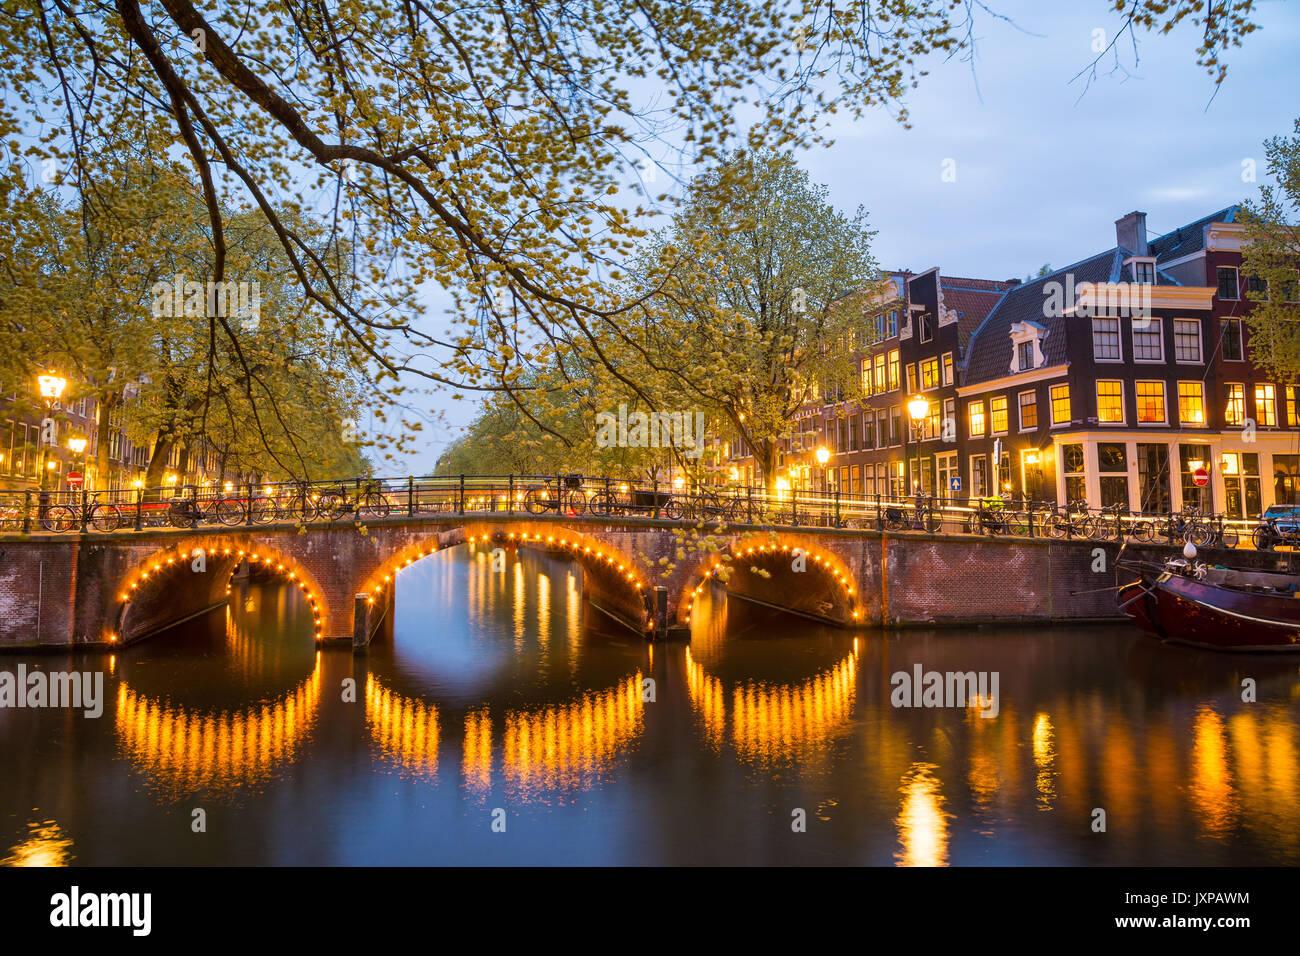 L'un des célèbre canal d'Amsterdam, Pays-Bas, au crépuscule. Photo Stock